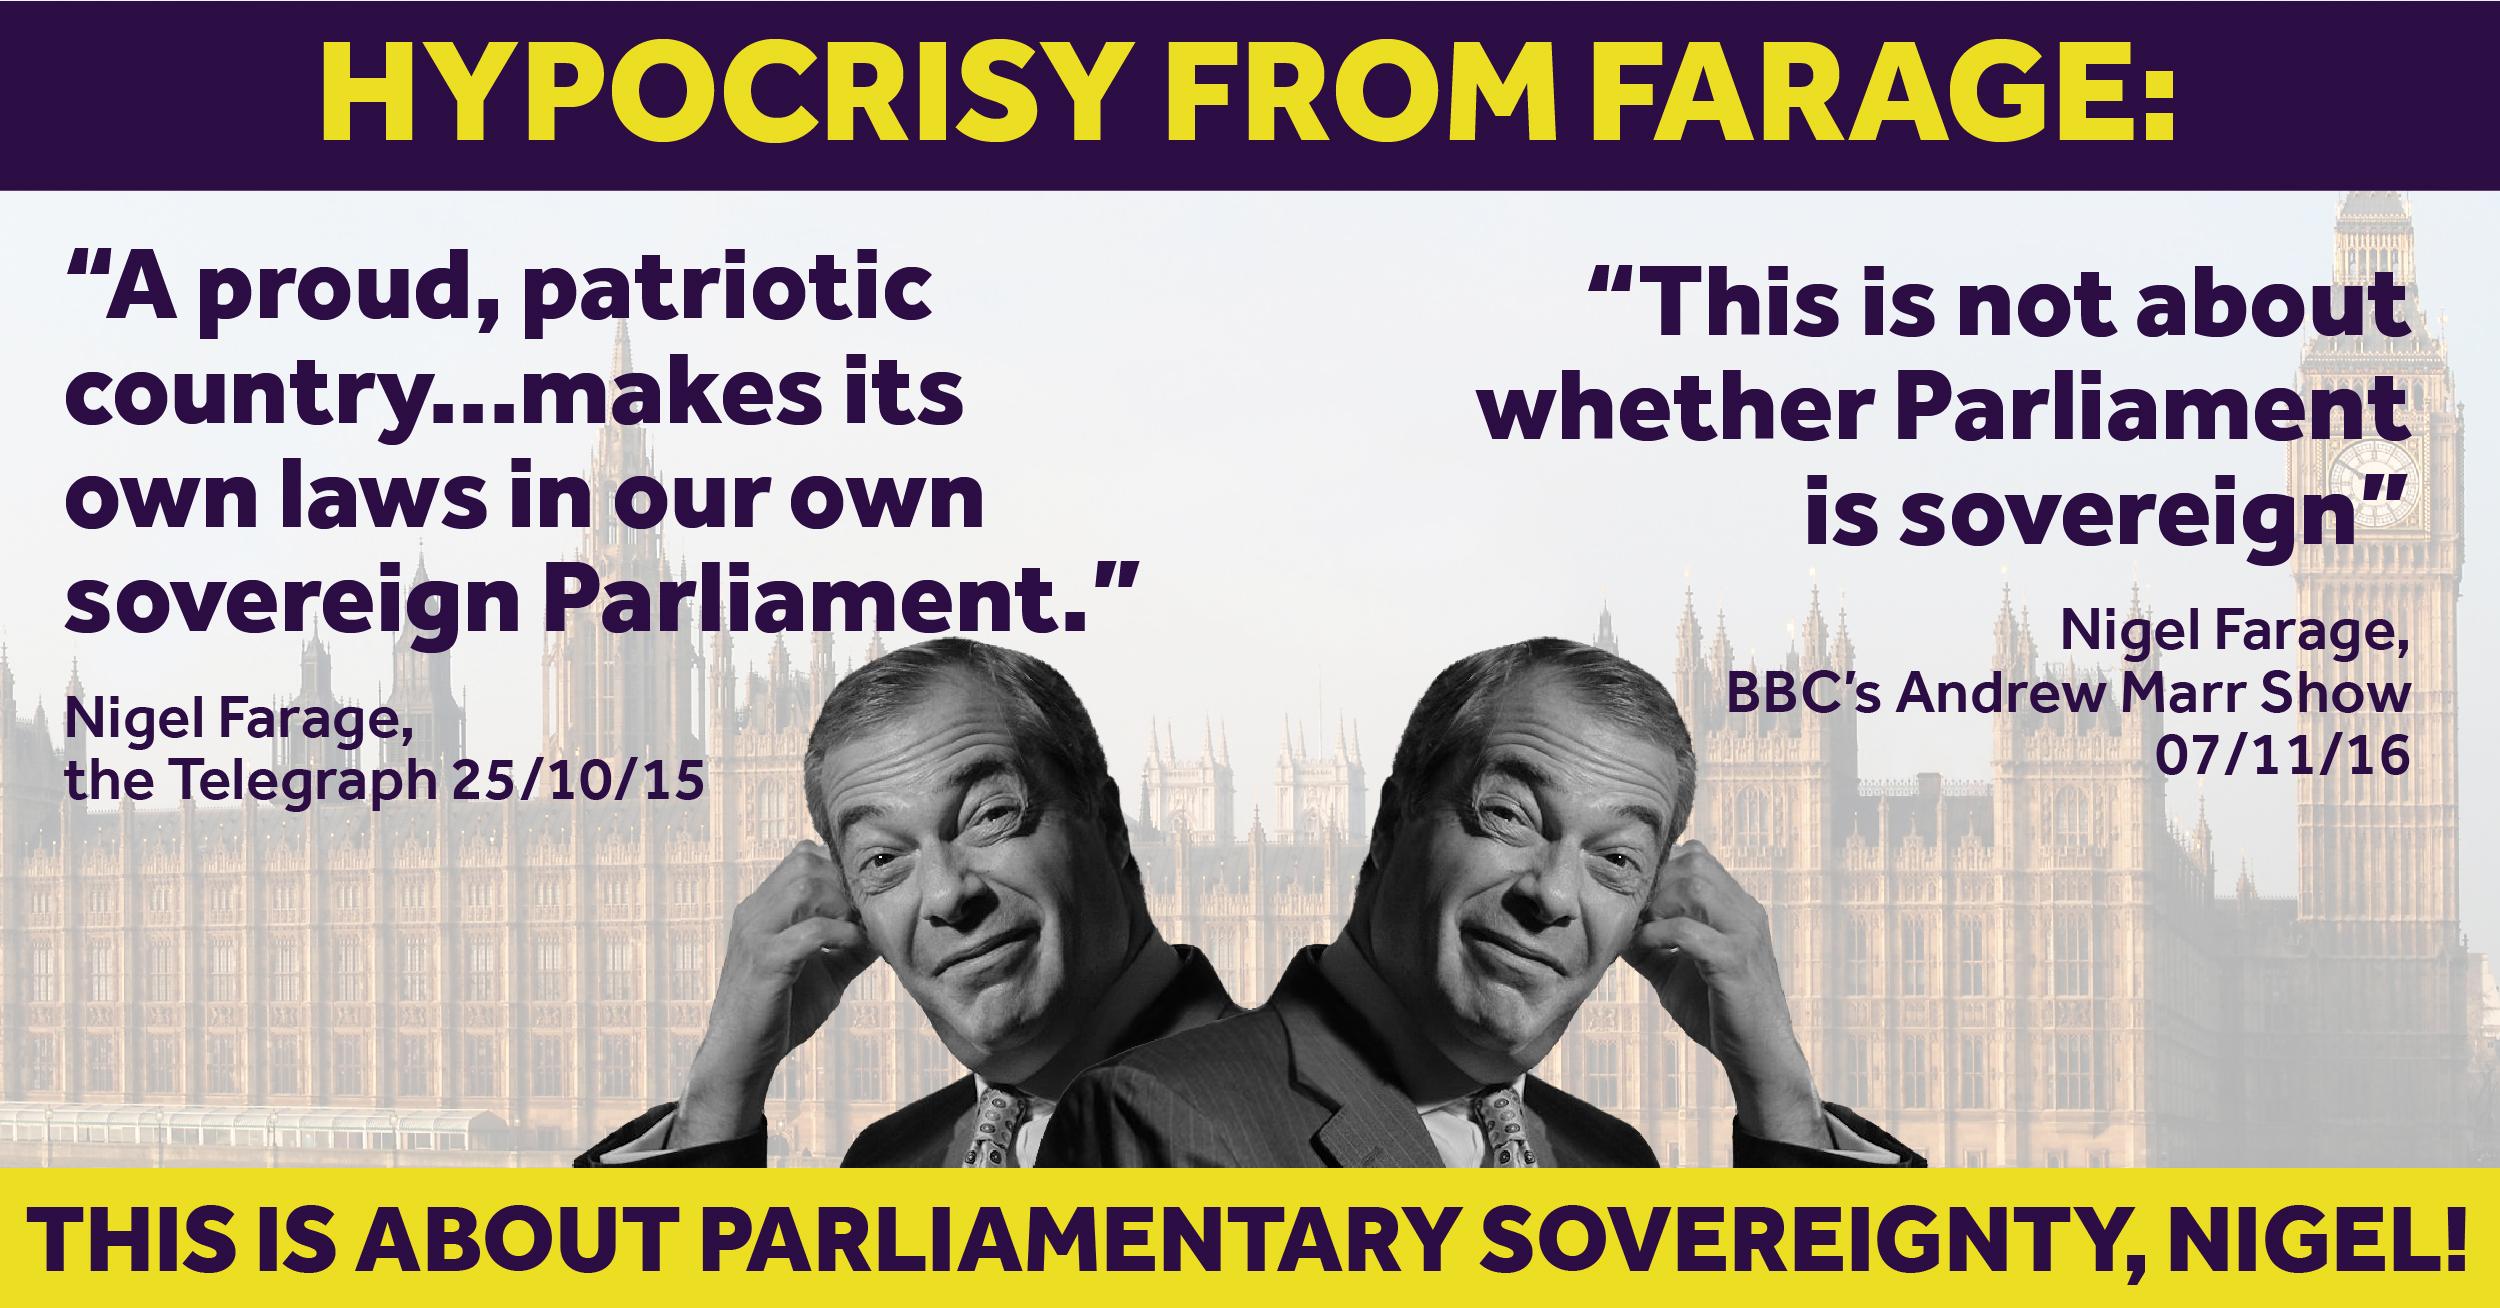 Nigel Farage hypocrisy